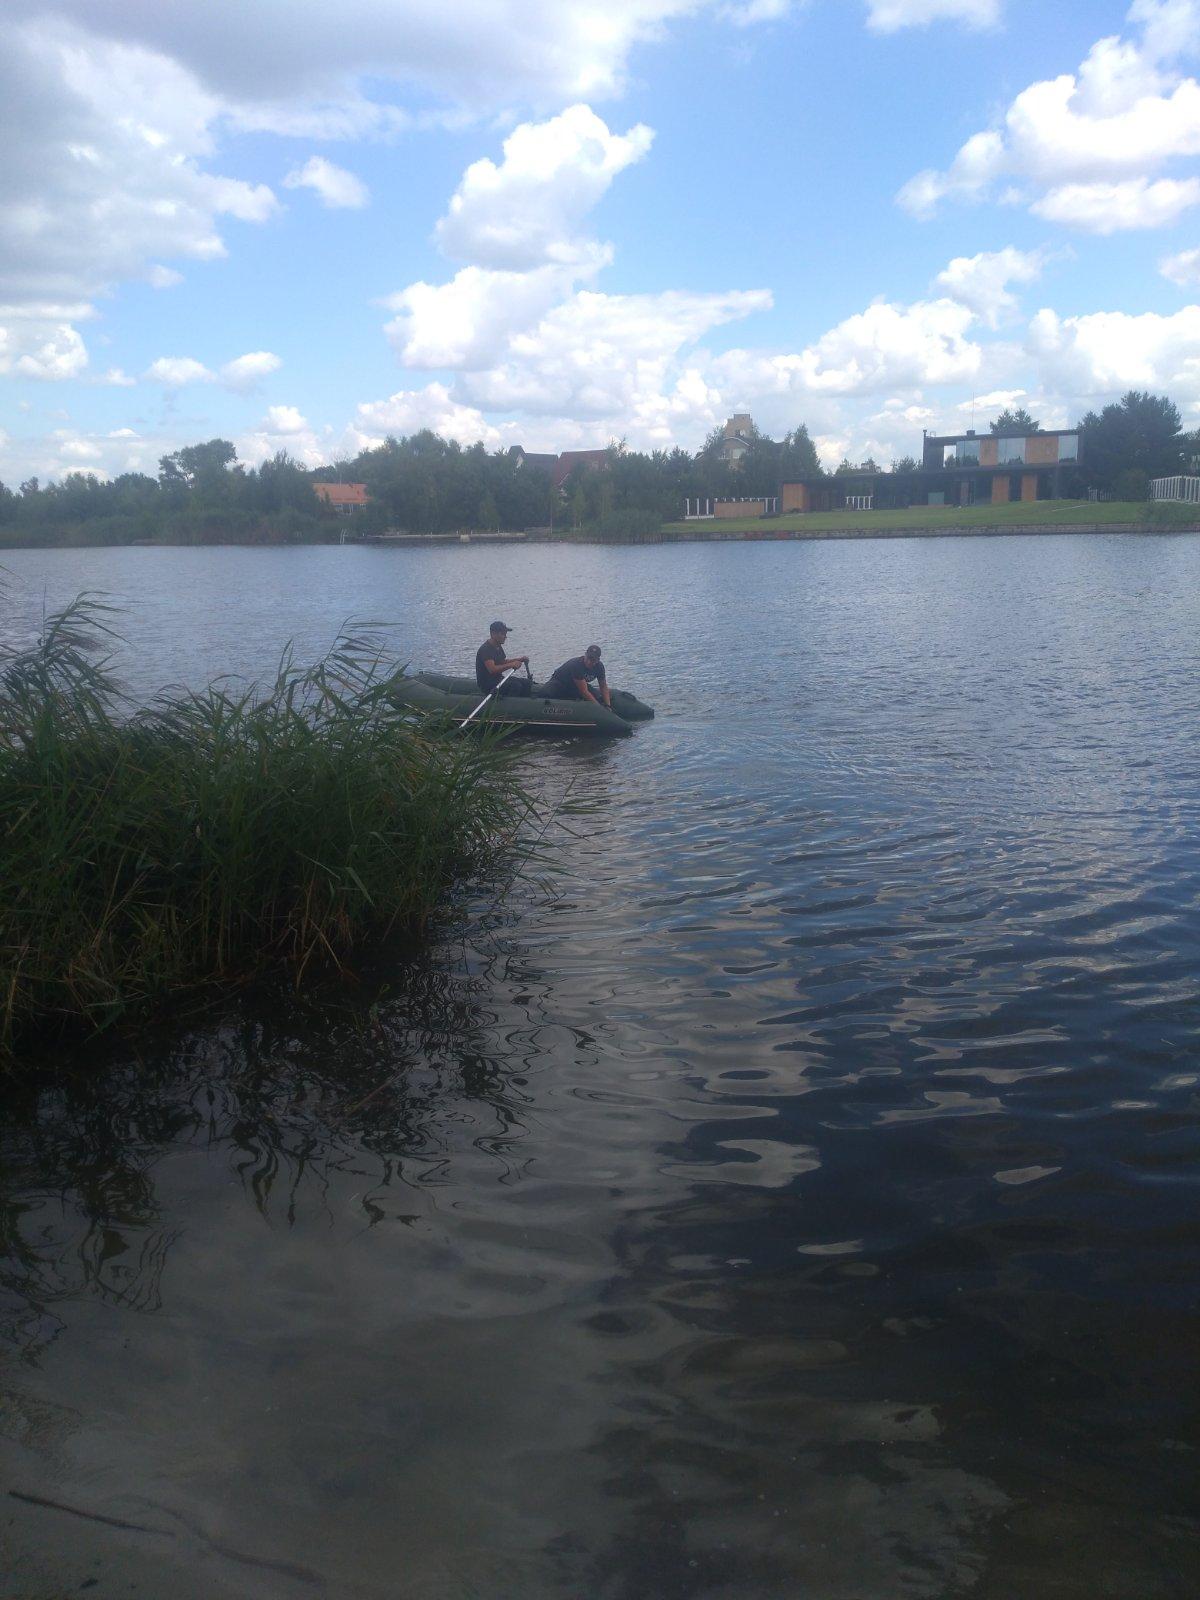 У річці на Обухівщині знайшли тіло молодого чоловіка -  - media share 0 02 05 d33222325f7e8f361fa1466be28f3a33a2e2ffe300b2fb5597a88a2dcc9438ce 6fcfce50 ff57 4444 ba8b 7890d2d7ec90